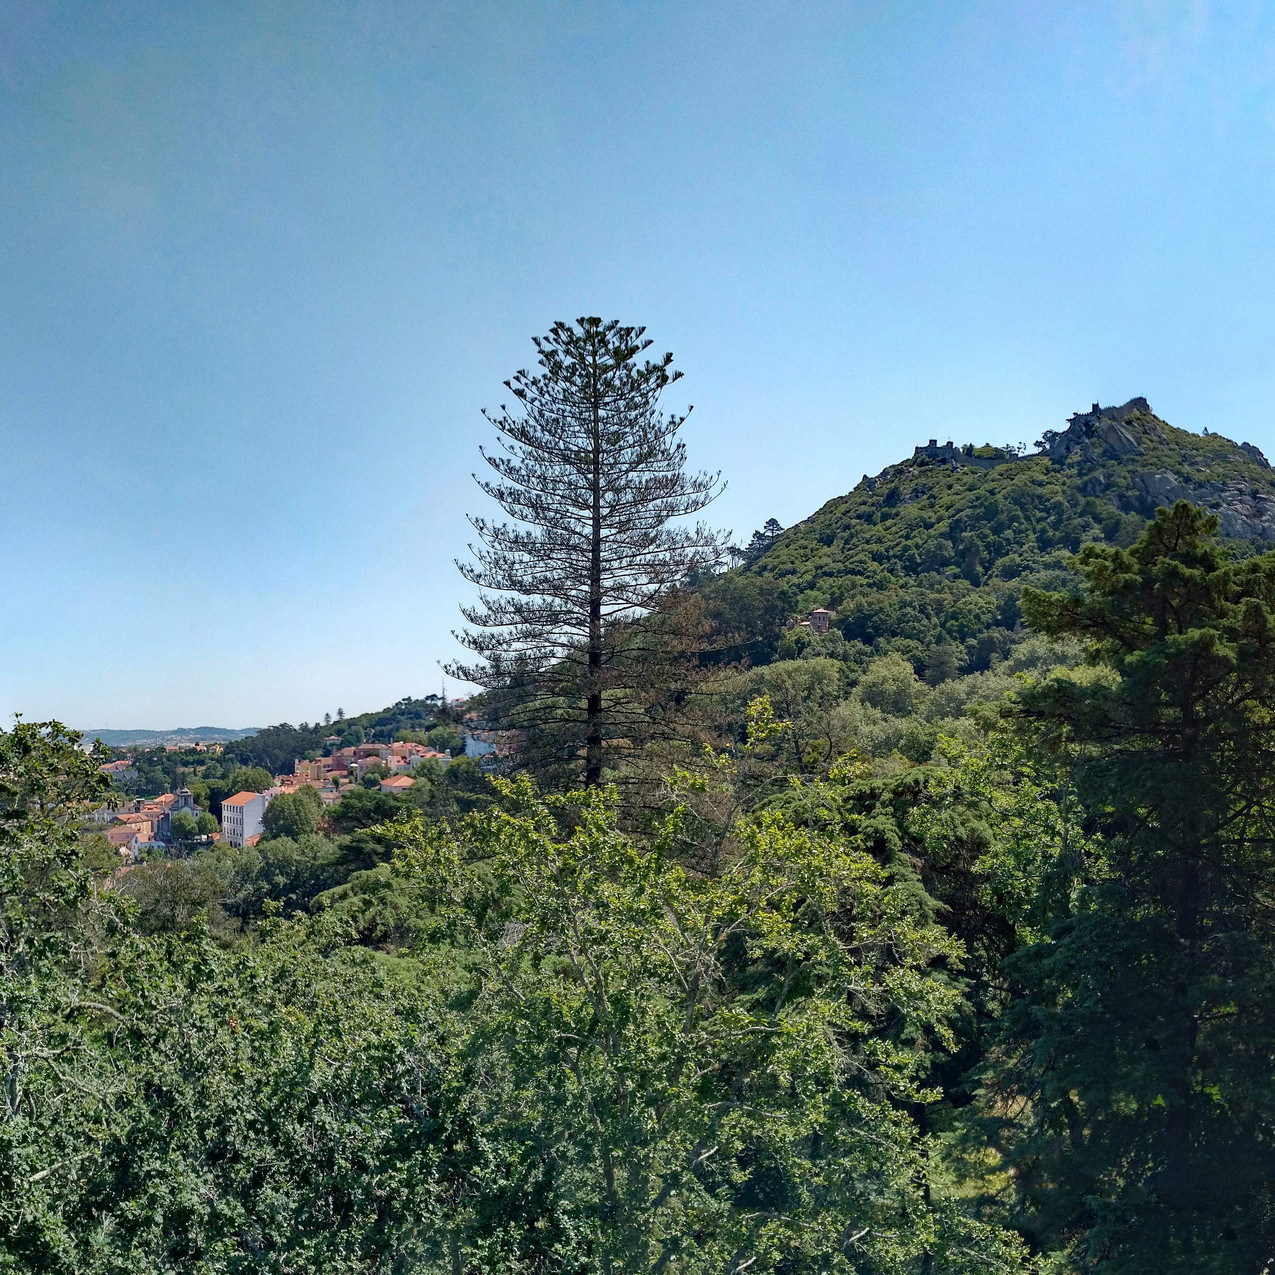 View from Quinta da Regaleira grounds